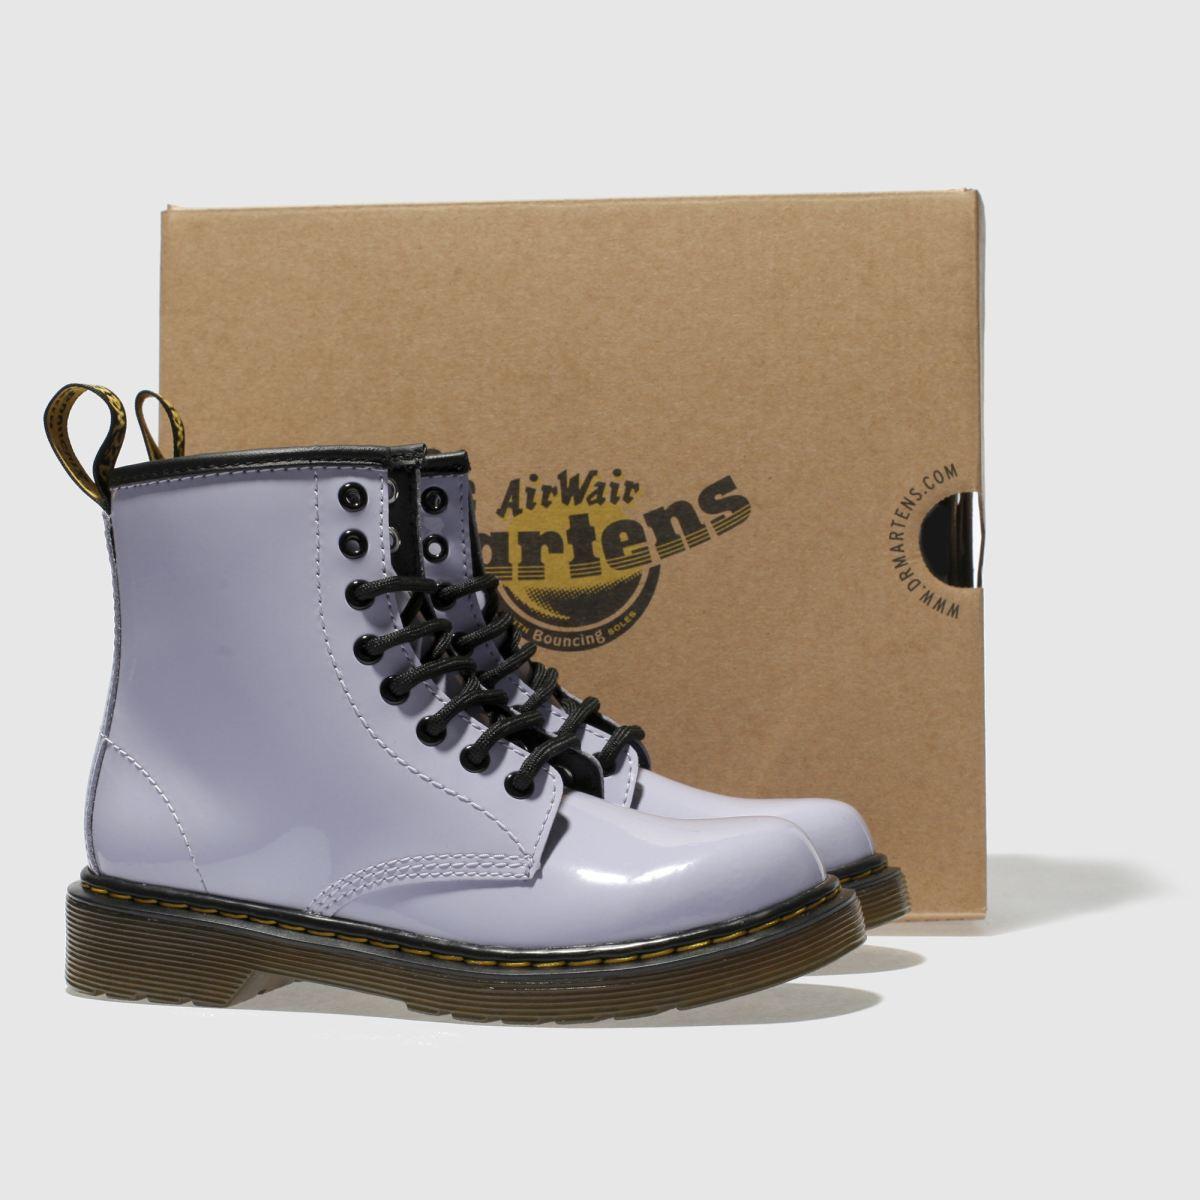 Dr Martens lilac brooklee boot girls junior boot £28.99 @ Schuh - HotUKDeals